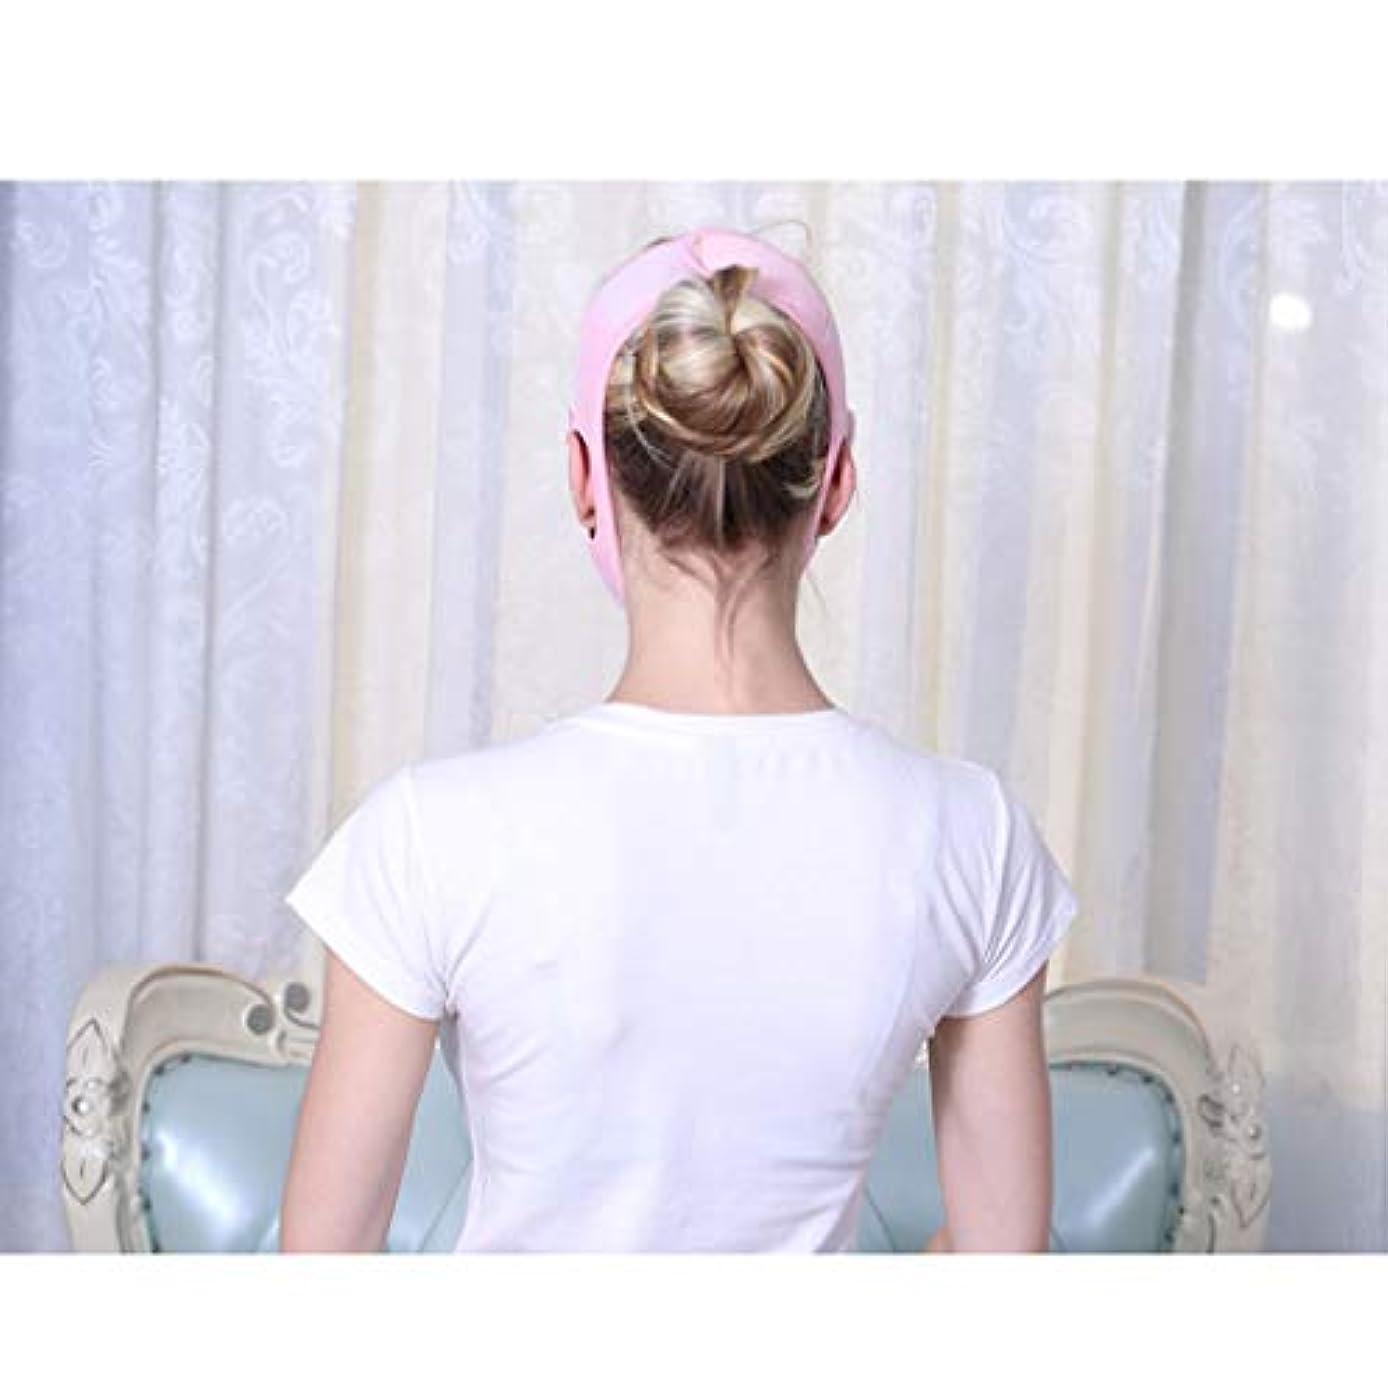 凶暴な避難ルーチン薄い表面ベルト、二重あごのDecreeのマスクの持ち上がることの固まる睡眠のマスクへのVの表面包帯 (Color : Pink)